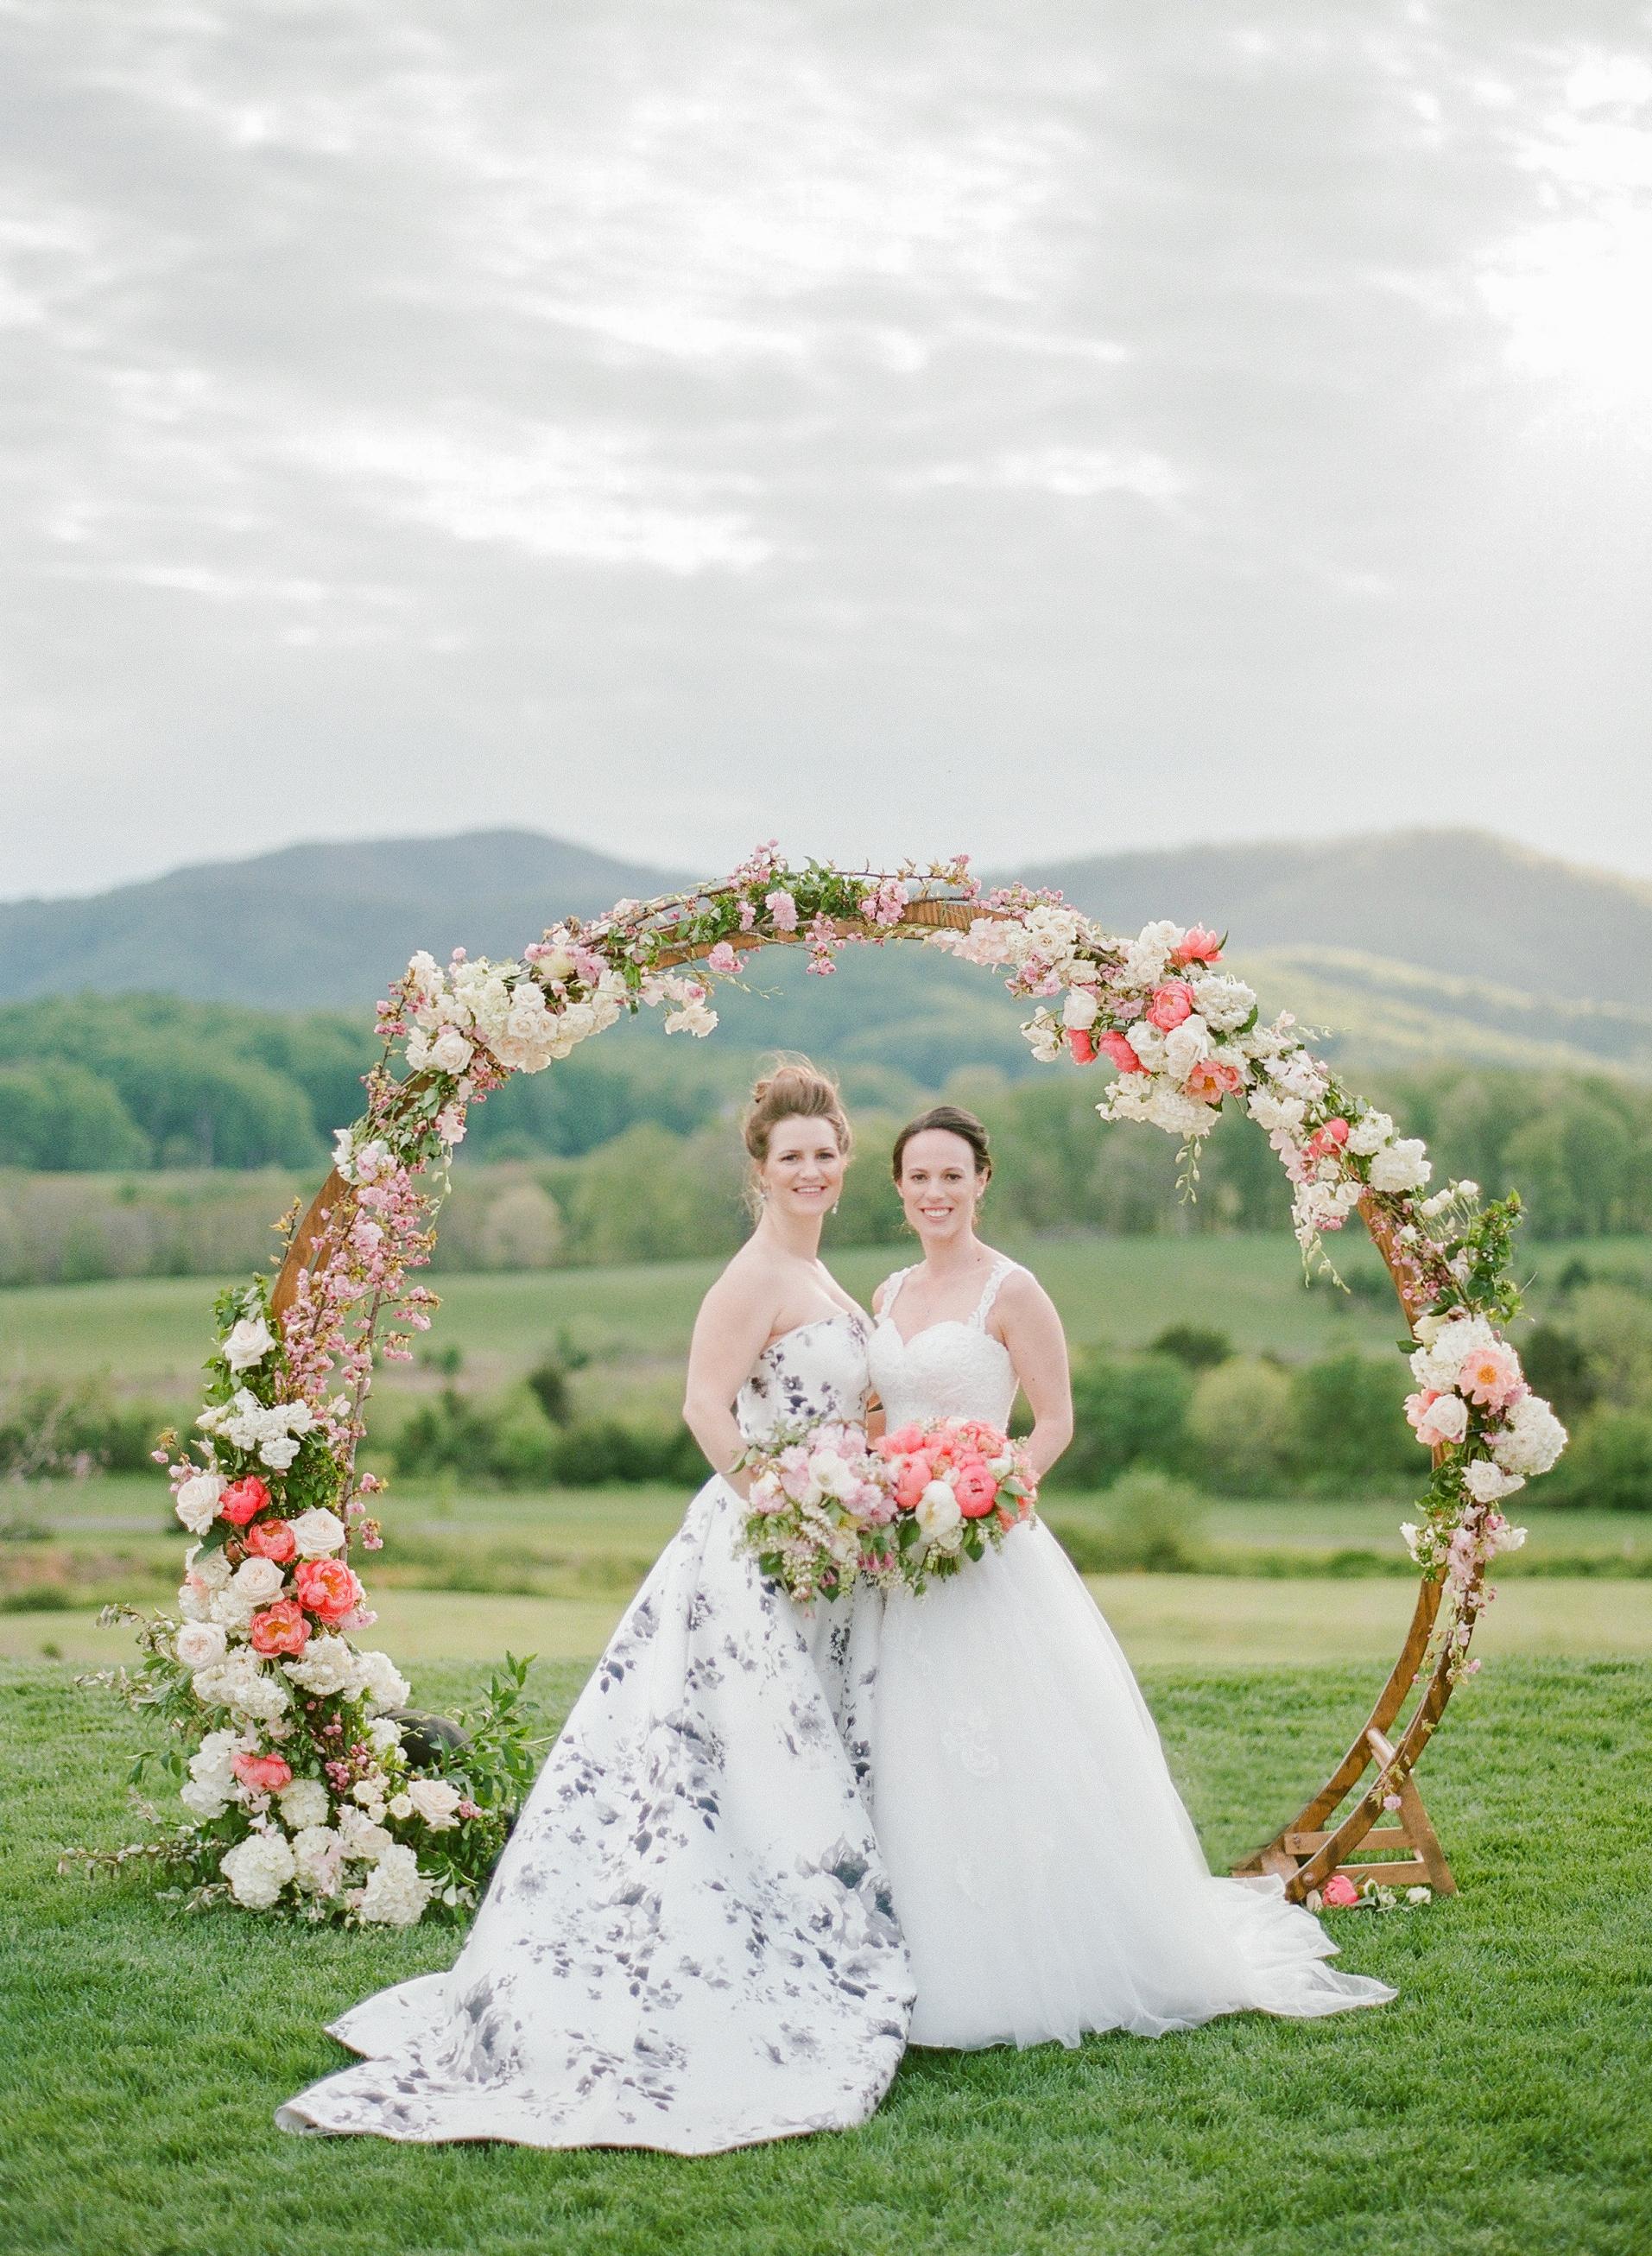 mechelle julia wedding couple brides ceremony arch